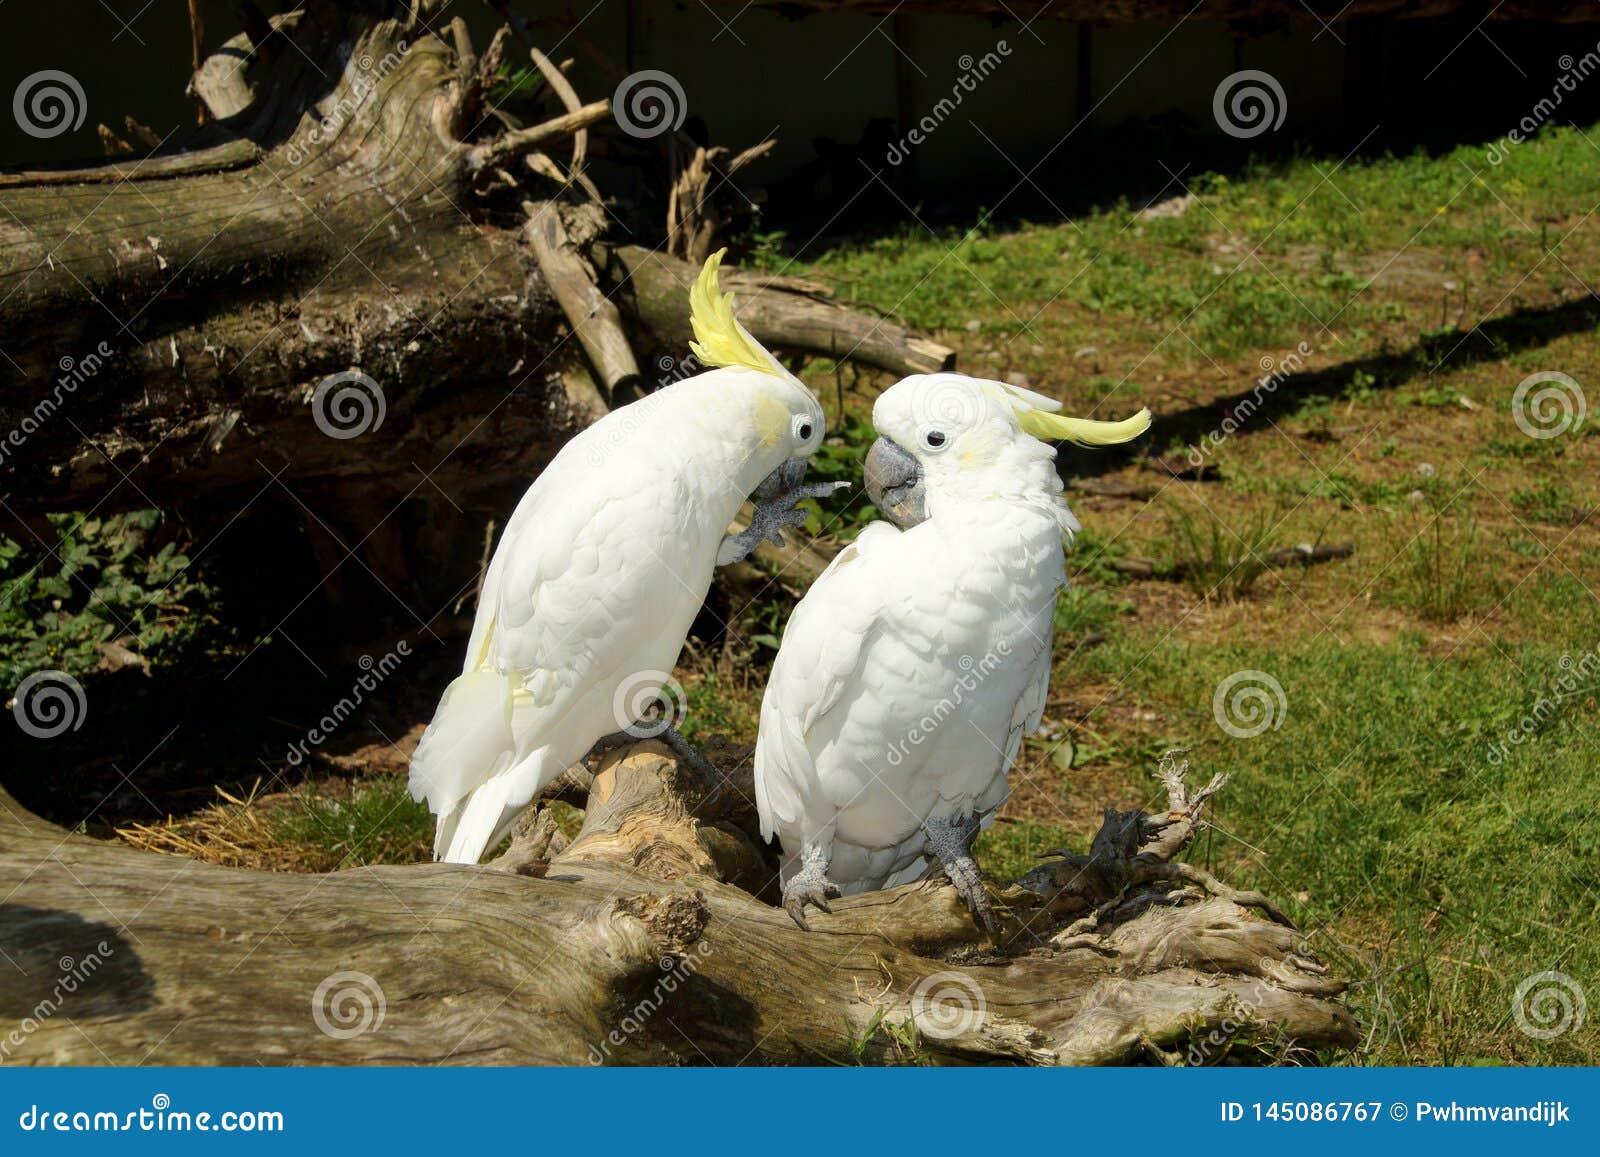 Kakadus auf einem Baumstamm